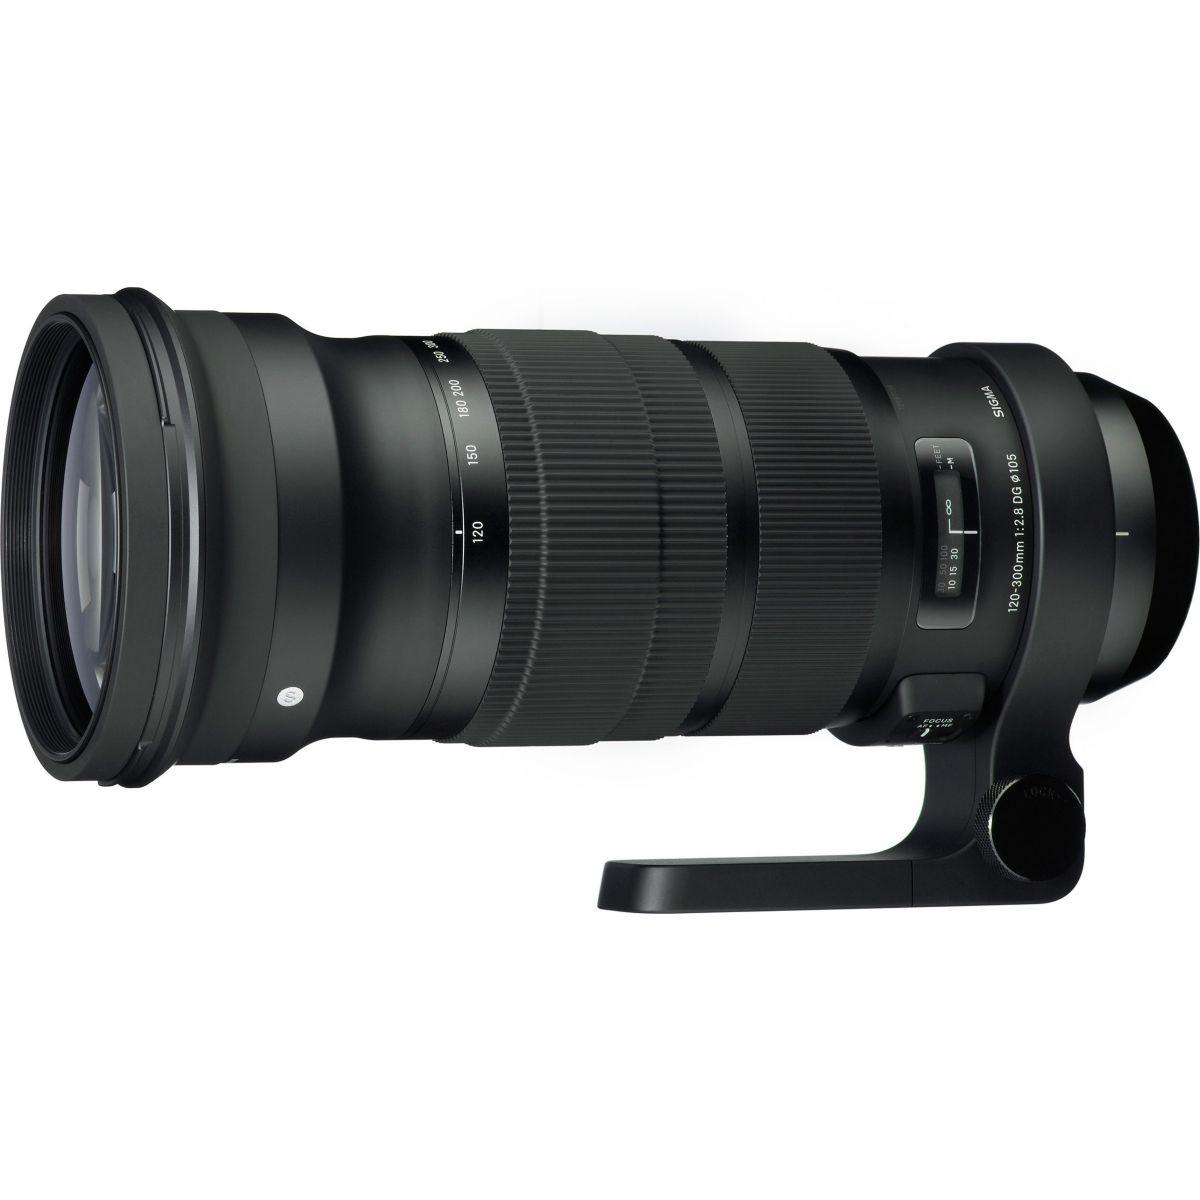 Objectif SIGMA 120-300mm f/2.8 DG OS HSM Nikon